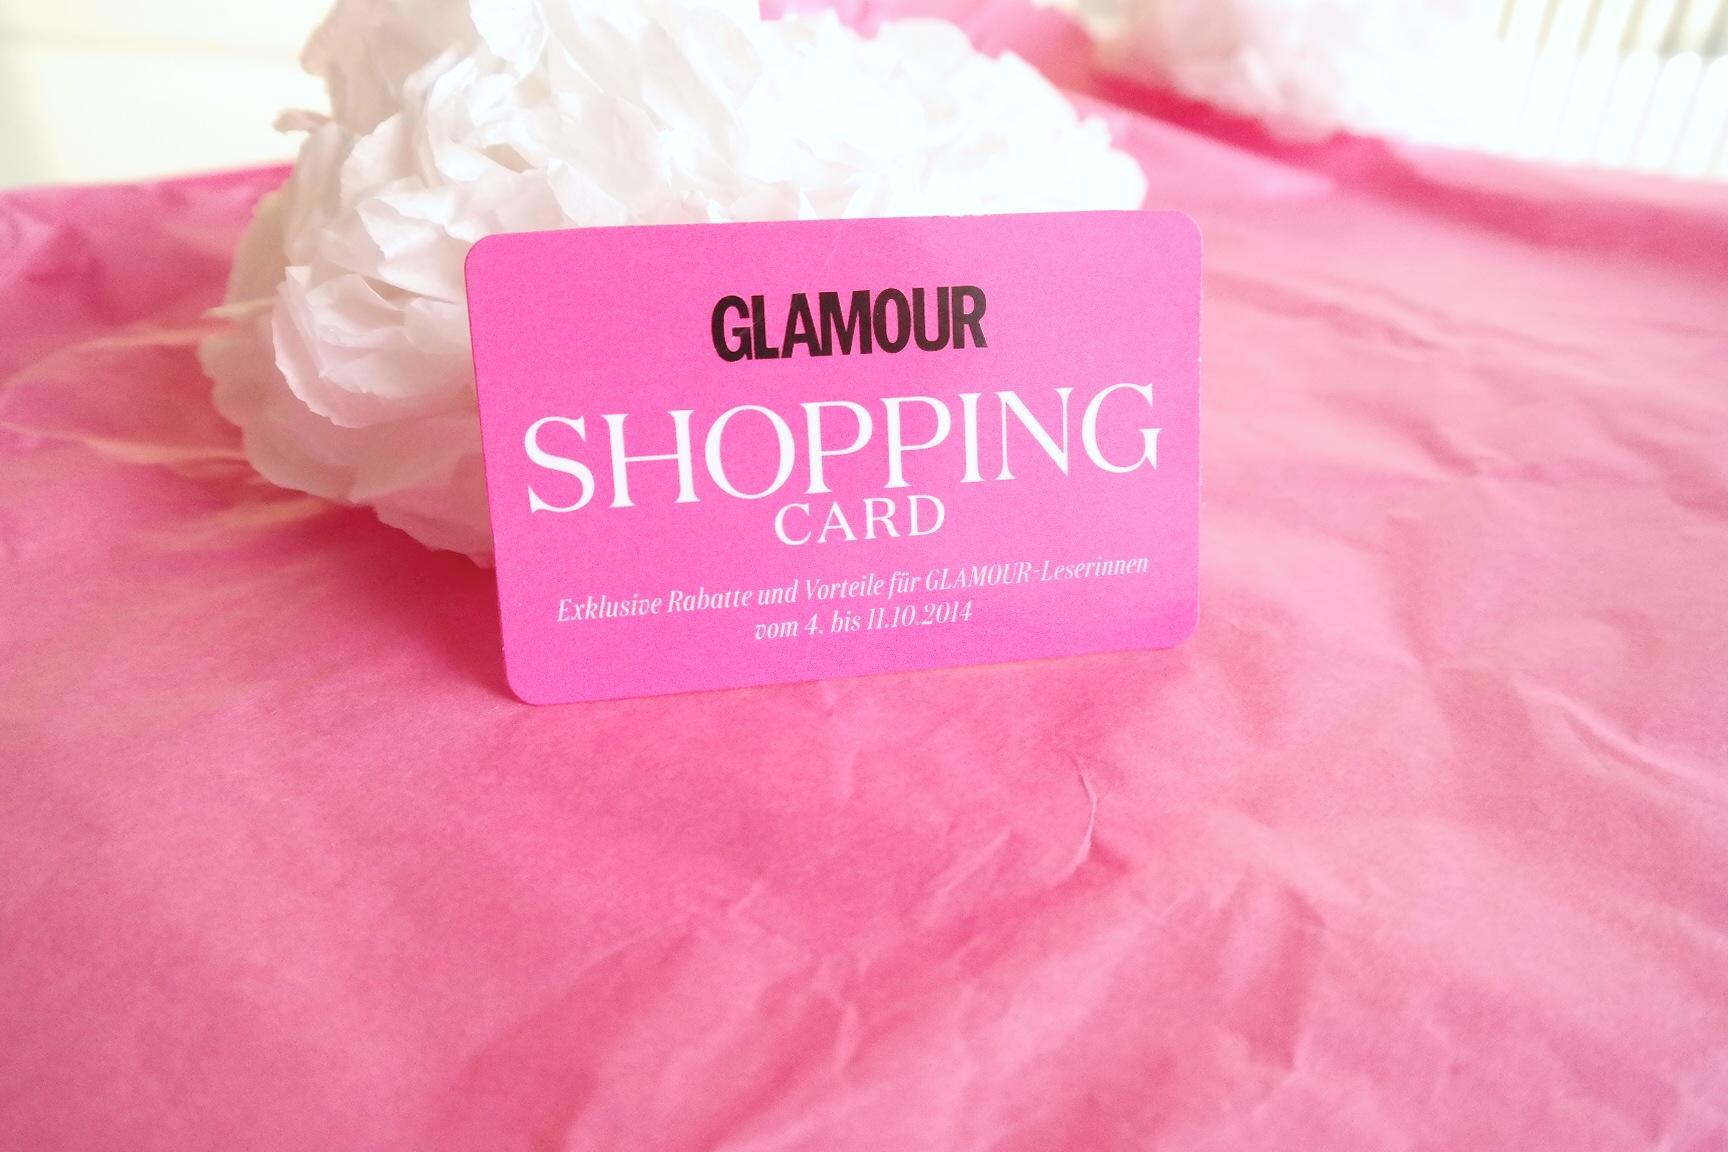 Glamour Shopping Week Card